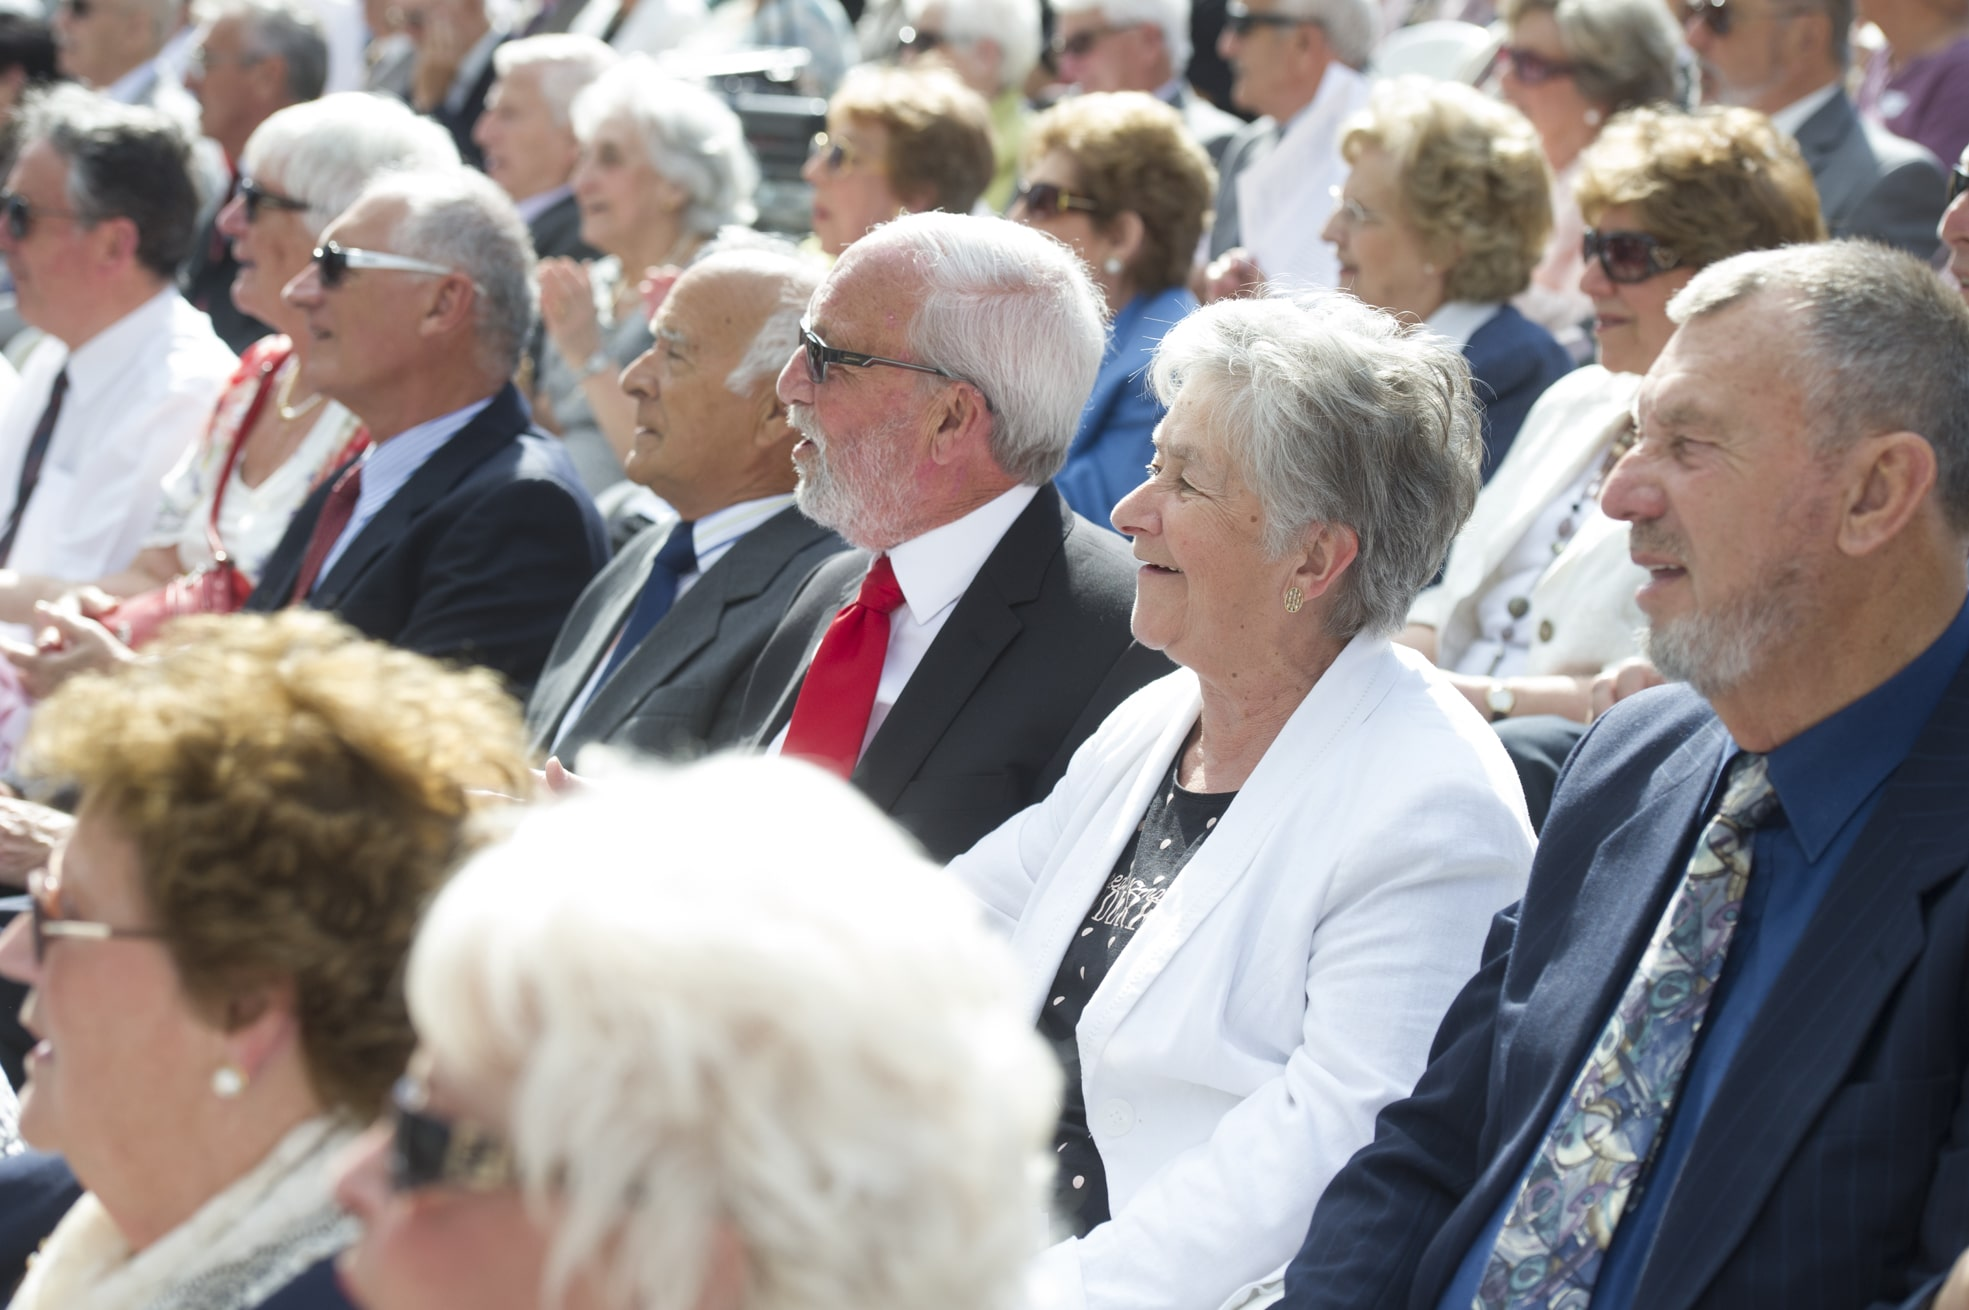 ceremonia-75-anos-evacuacion-gibraltar-22052015-24_17995982591_o